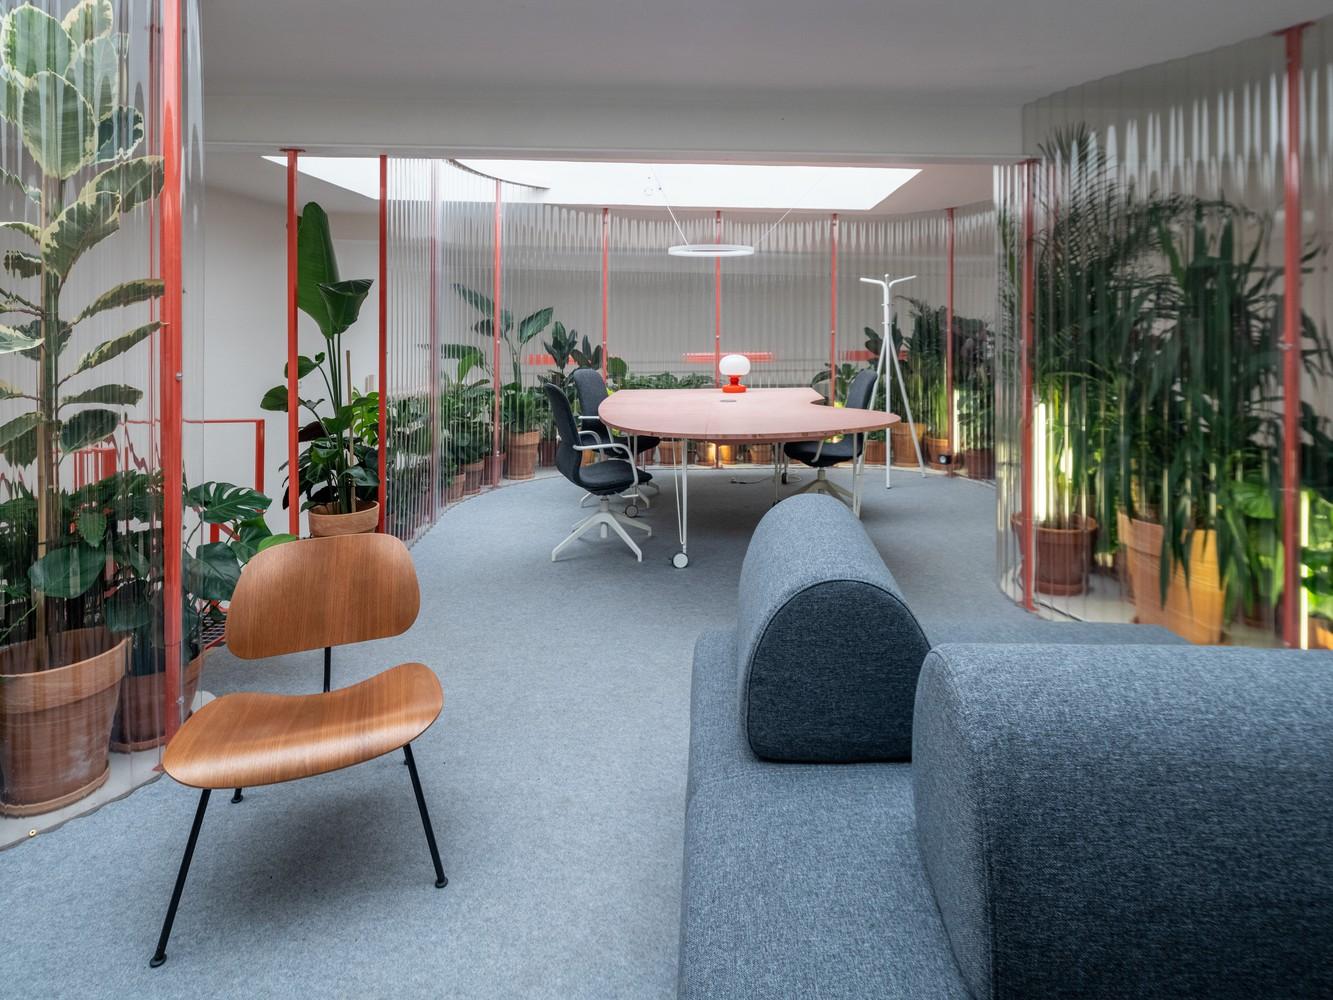 Tendencias en diseño y construcción del 2020: Lo recurrente, popular, relevante y sustancial,GROUNDS Coffee / KOGAA. Image © Alex Shoots Buildings